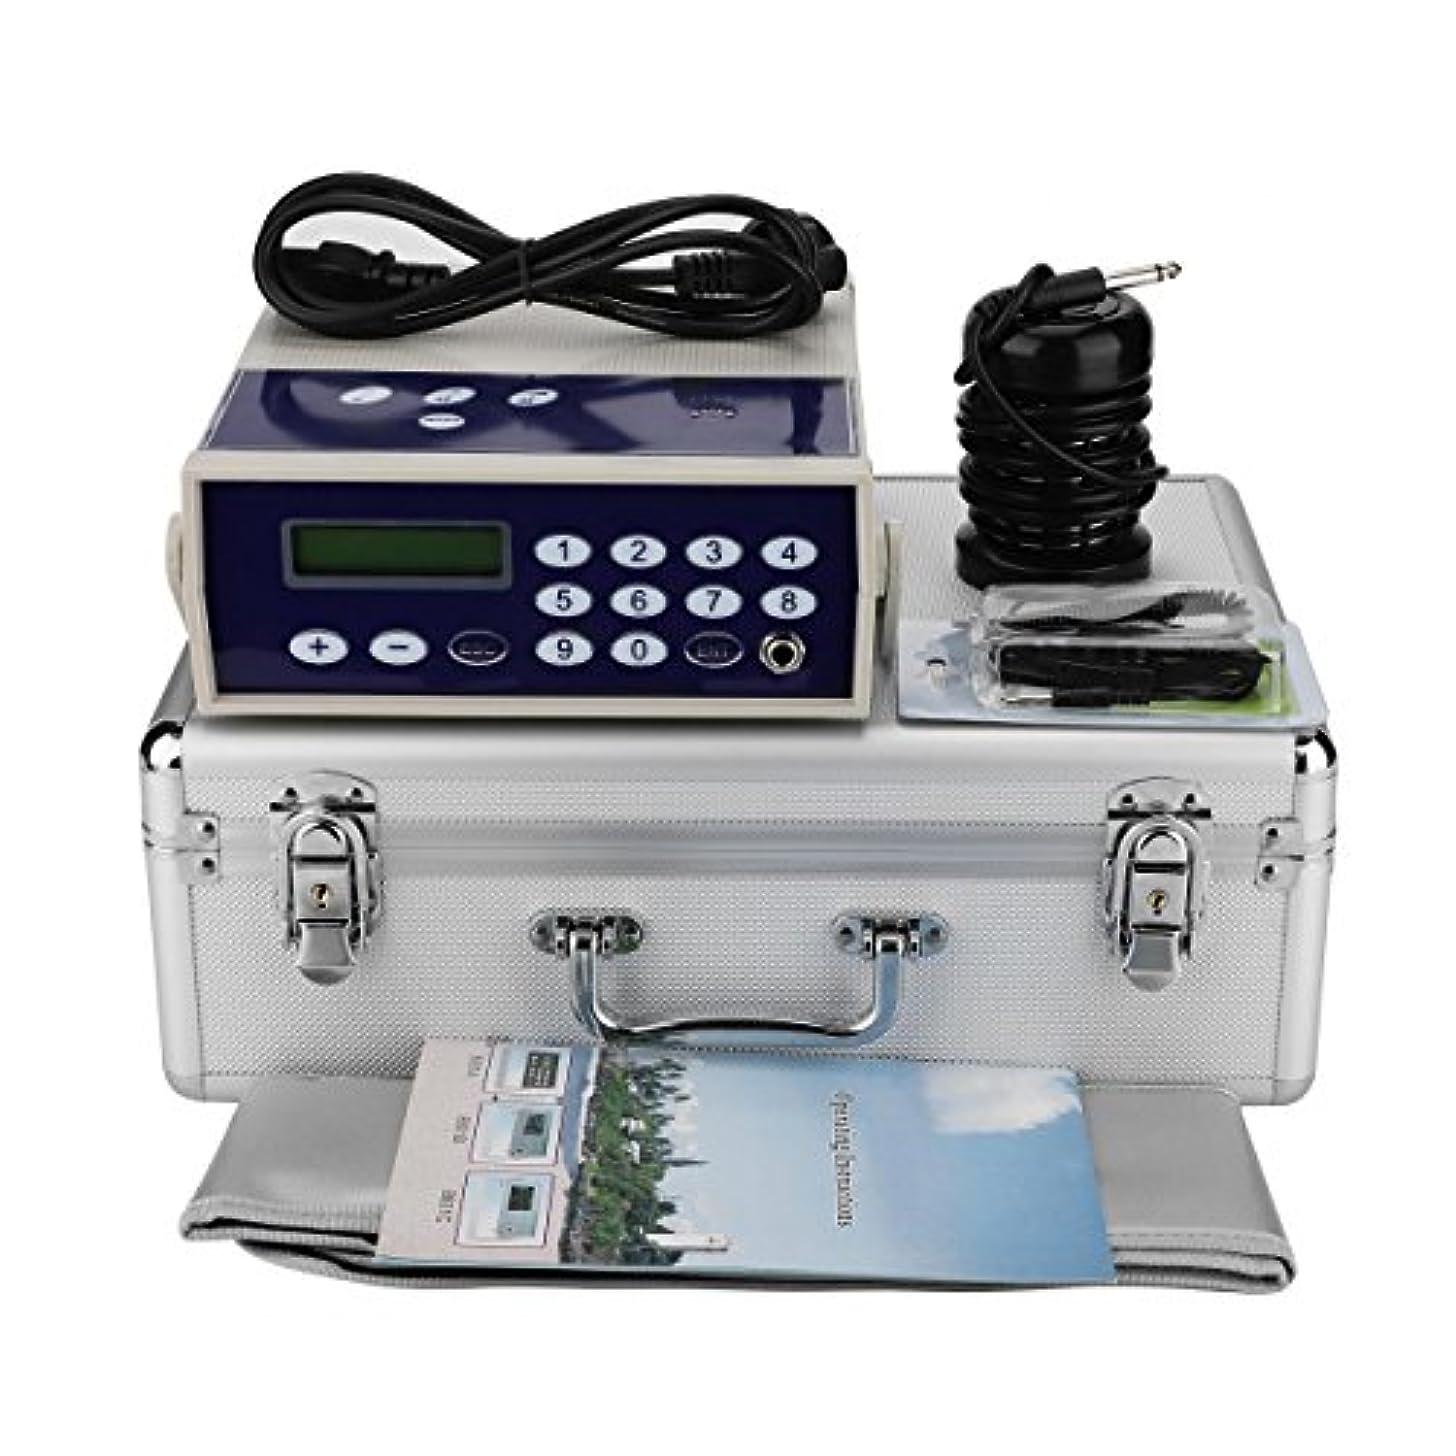 がっかりするクロニクルホバートイオンフットバスデトックスマシン、プロフェッショナルイオンイオンアレイボディデトックスマシンスパ赤外線腰ベルトで浄化(110-220V)